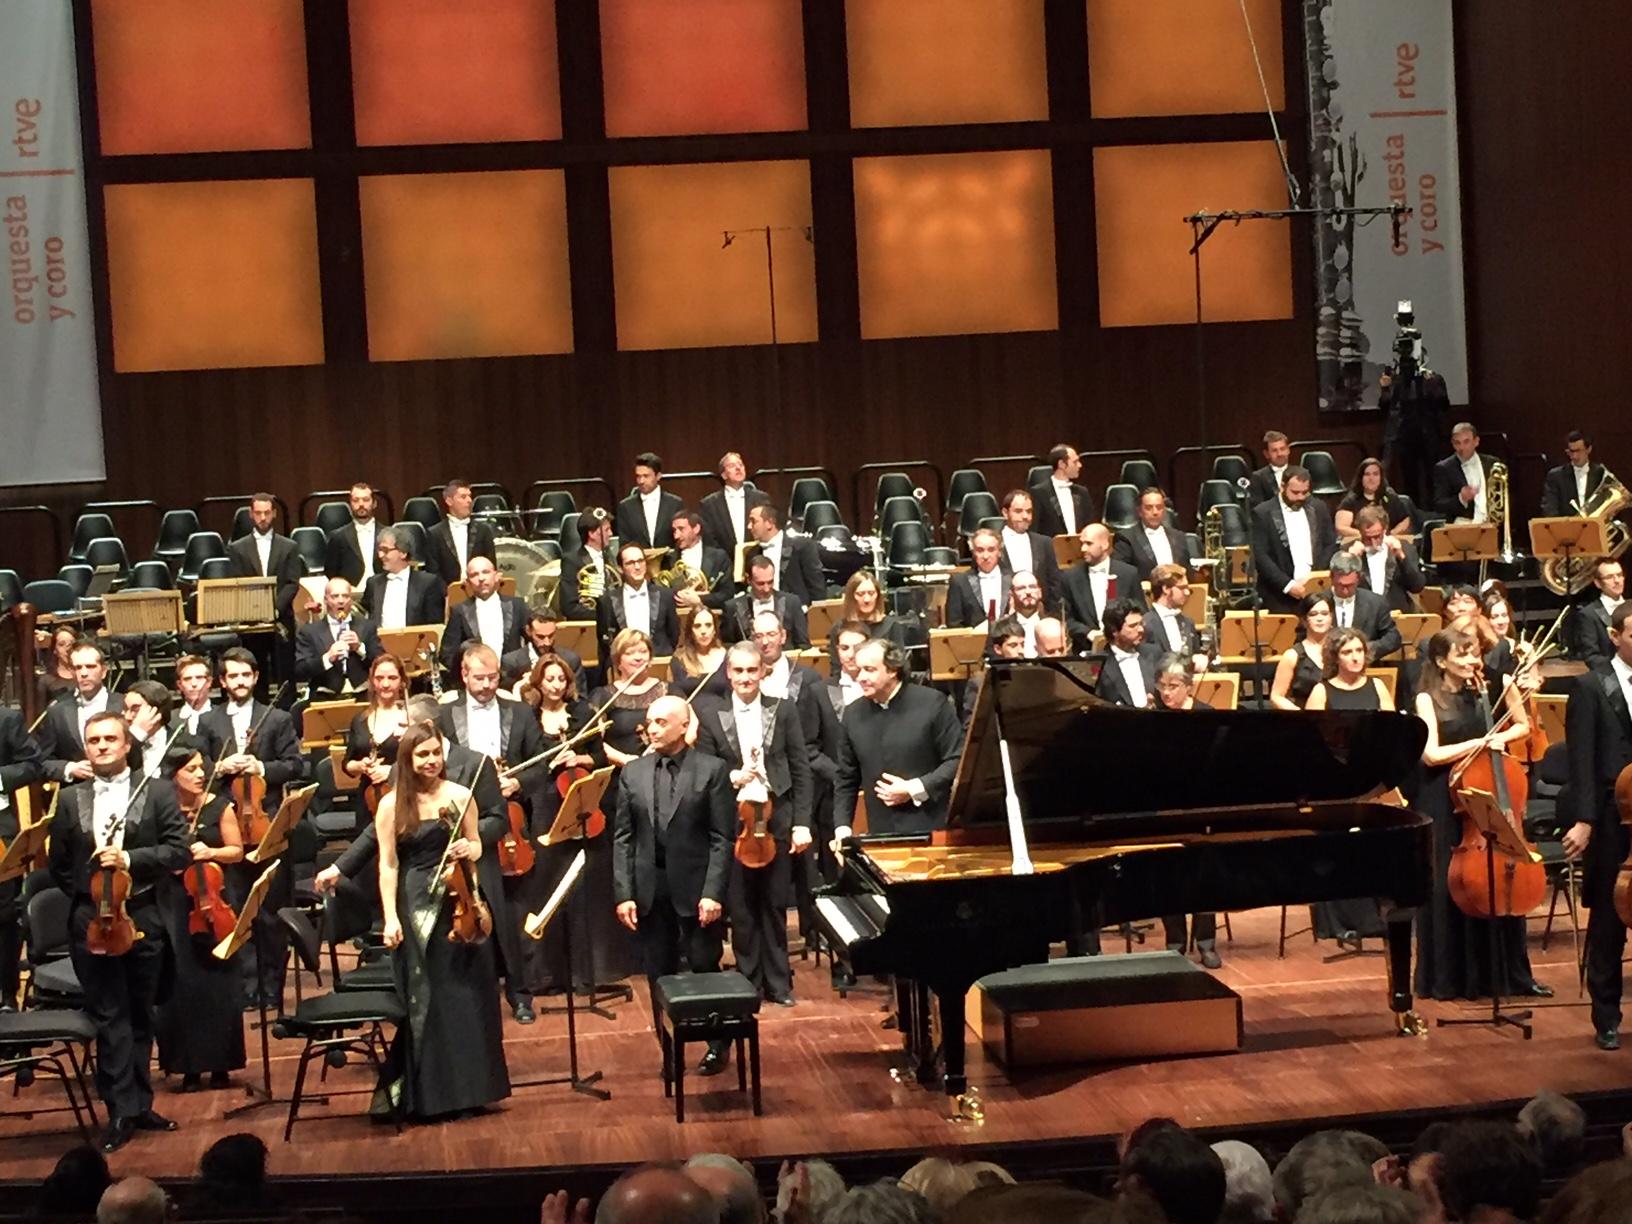 Nace la Handel Oratorio Society en Madrid